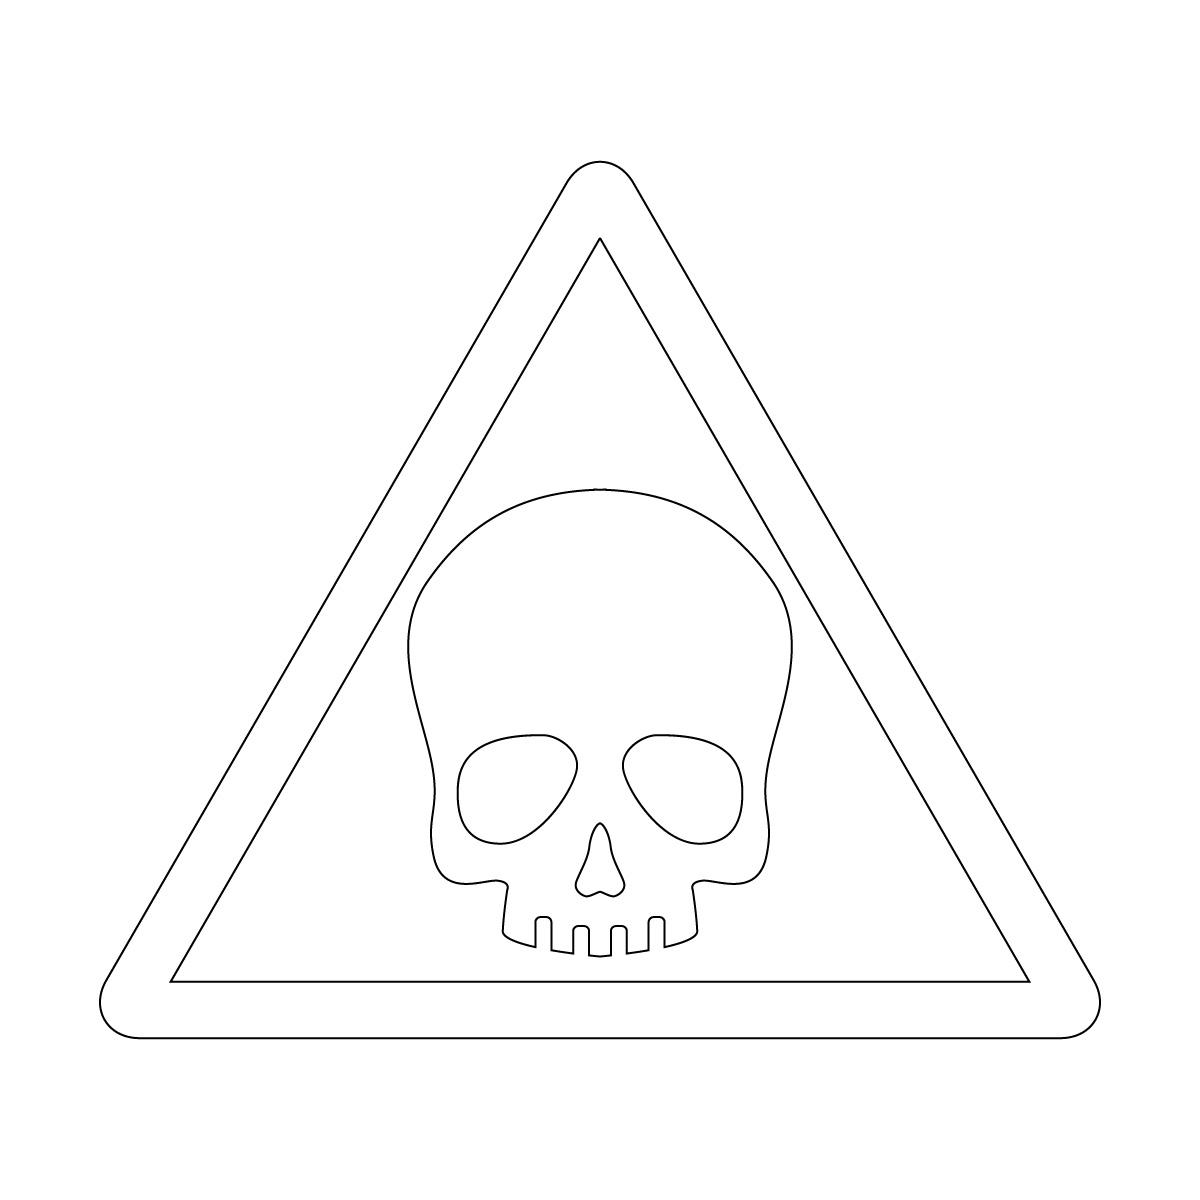 白色のドクロ・有害・危険・猛毒・注意マークのカッティングステッカー・シール 光沢タイプ・防水・耐水・屋外耐候3~4年